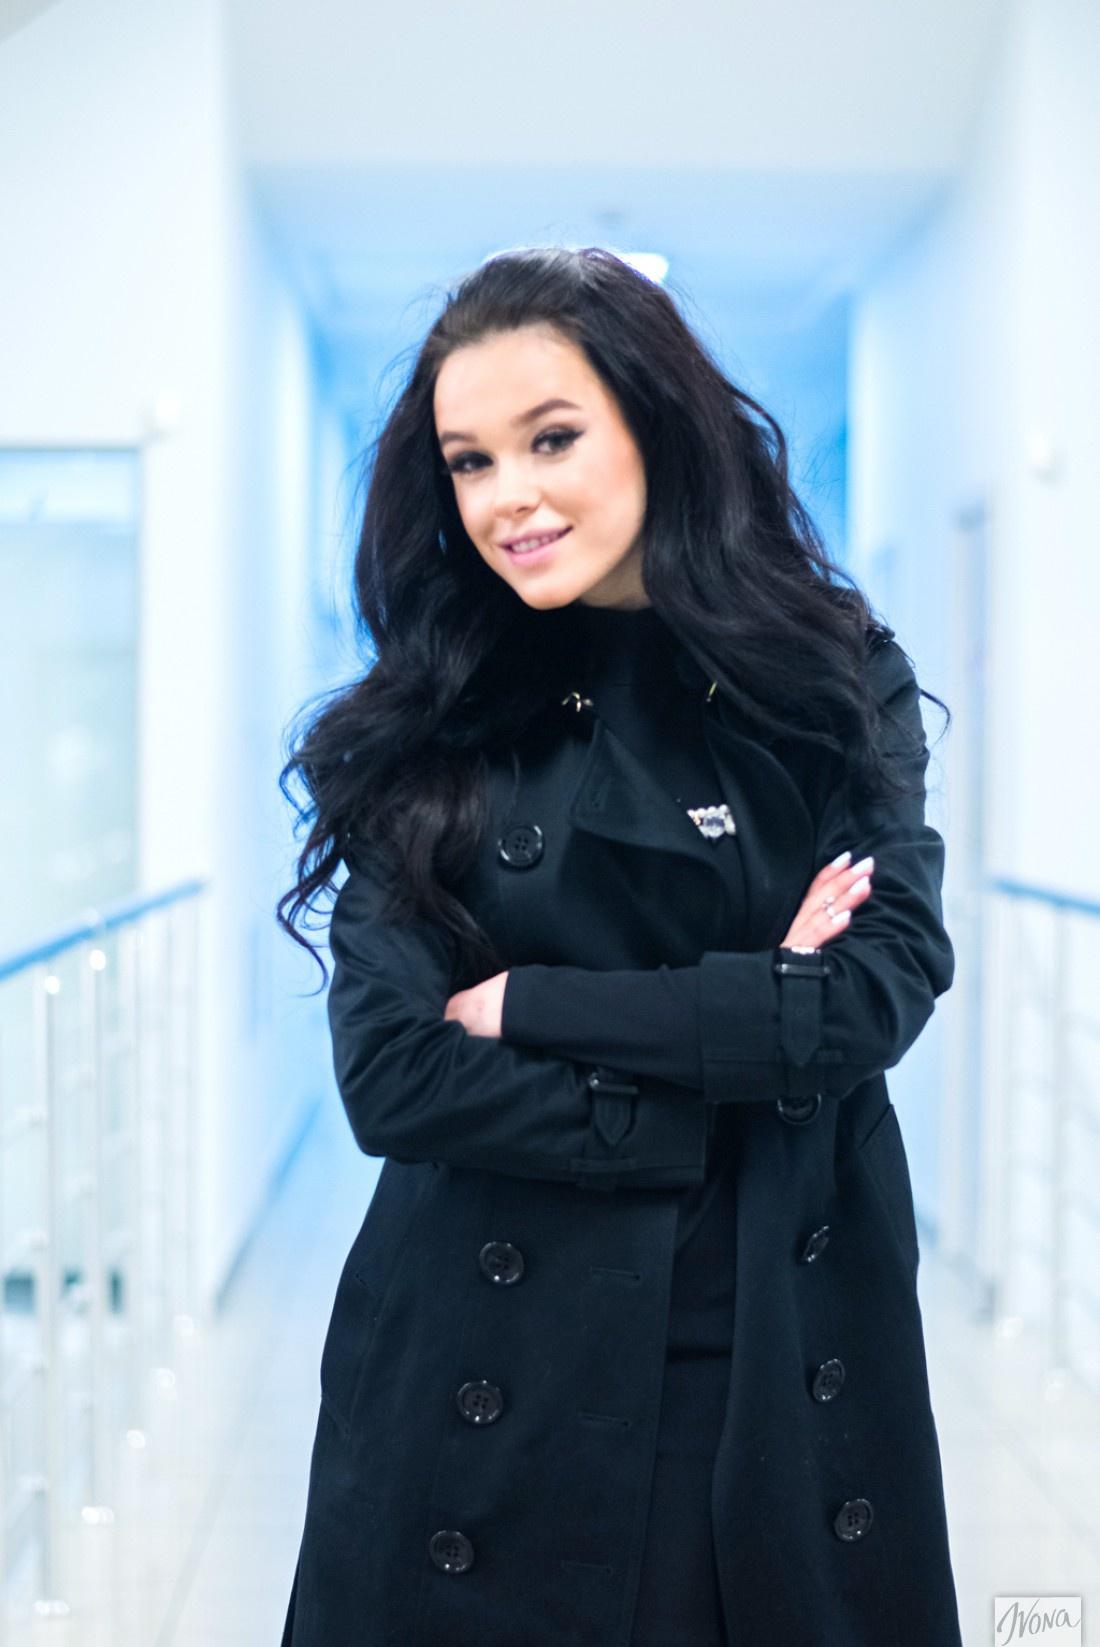 Популярная украинская певица Мария Яремчук